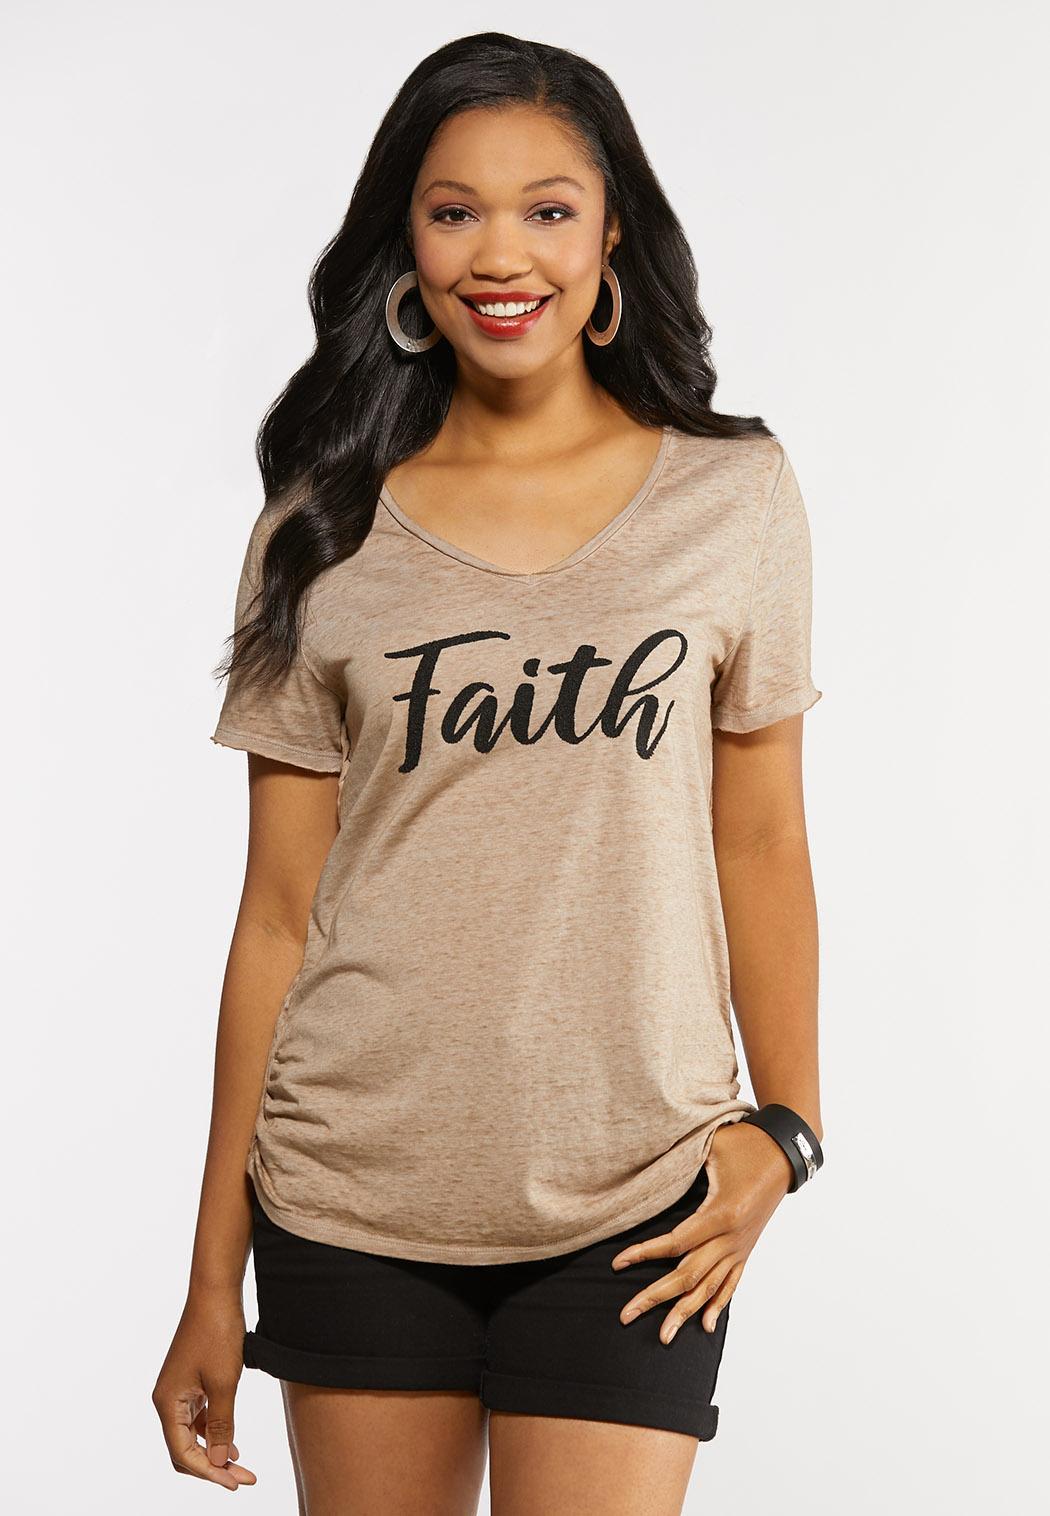 Beaded Faith Top